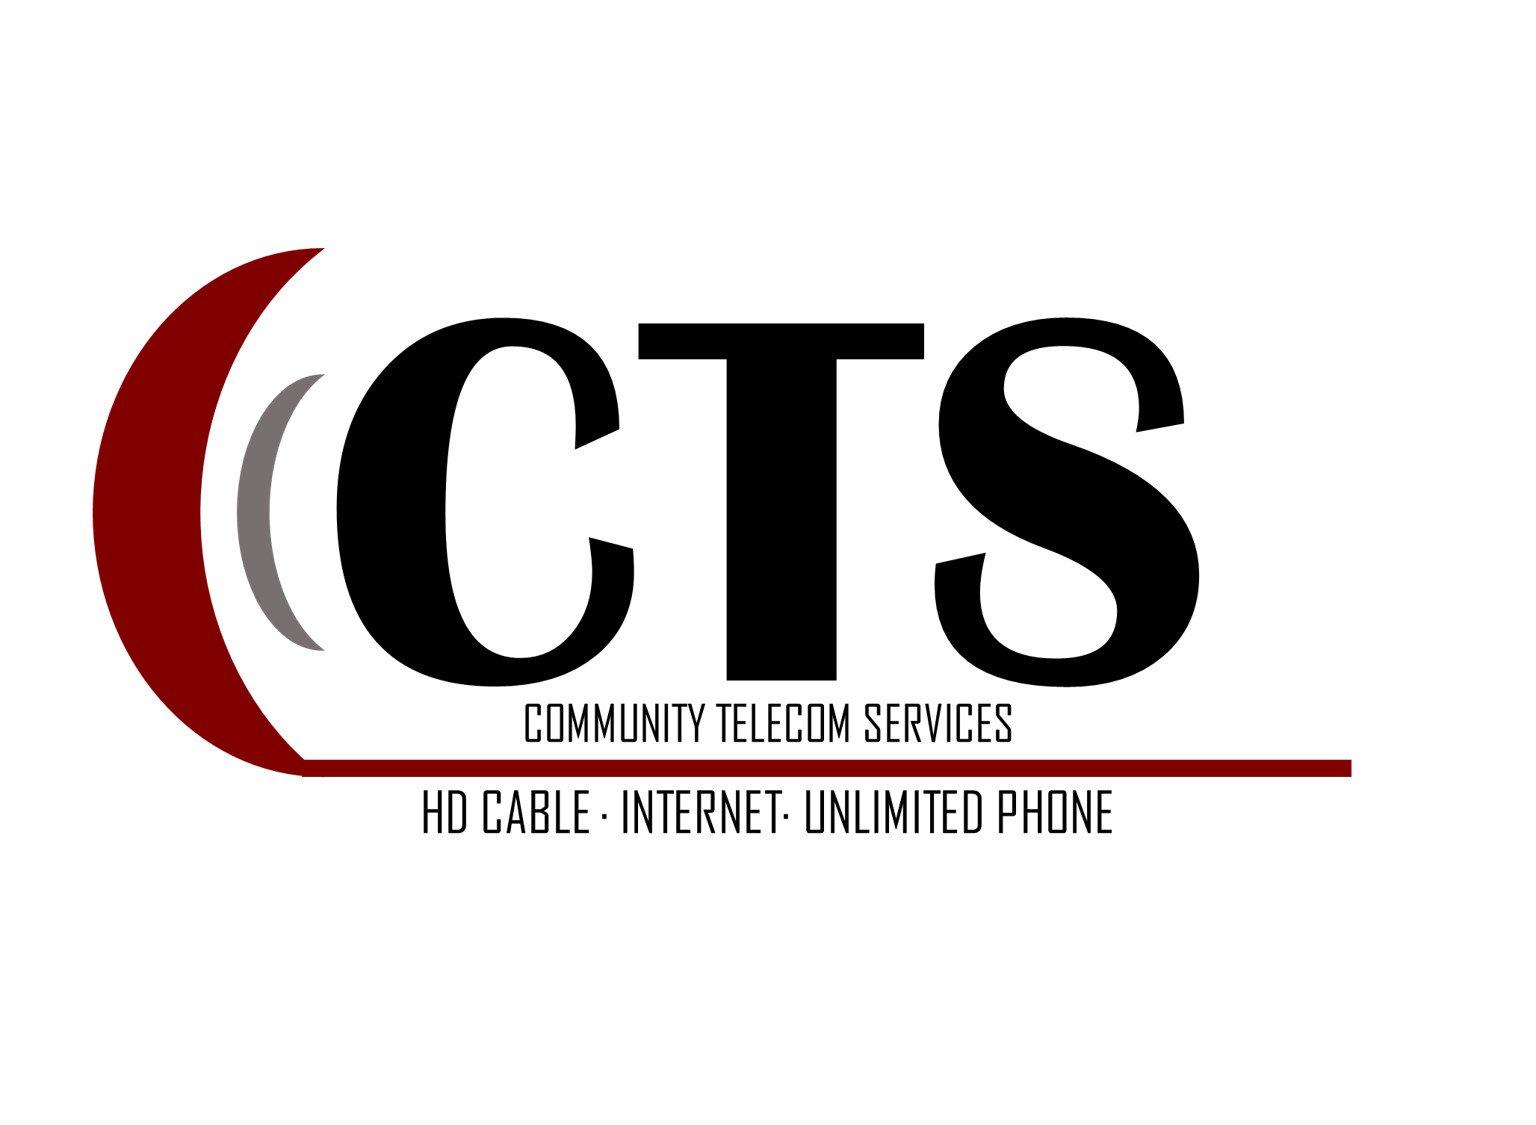 Community Telecom Services